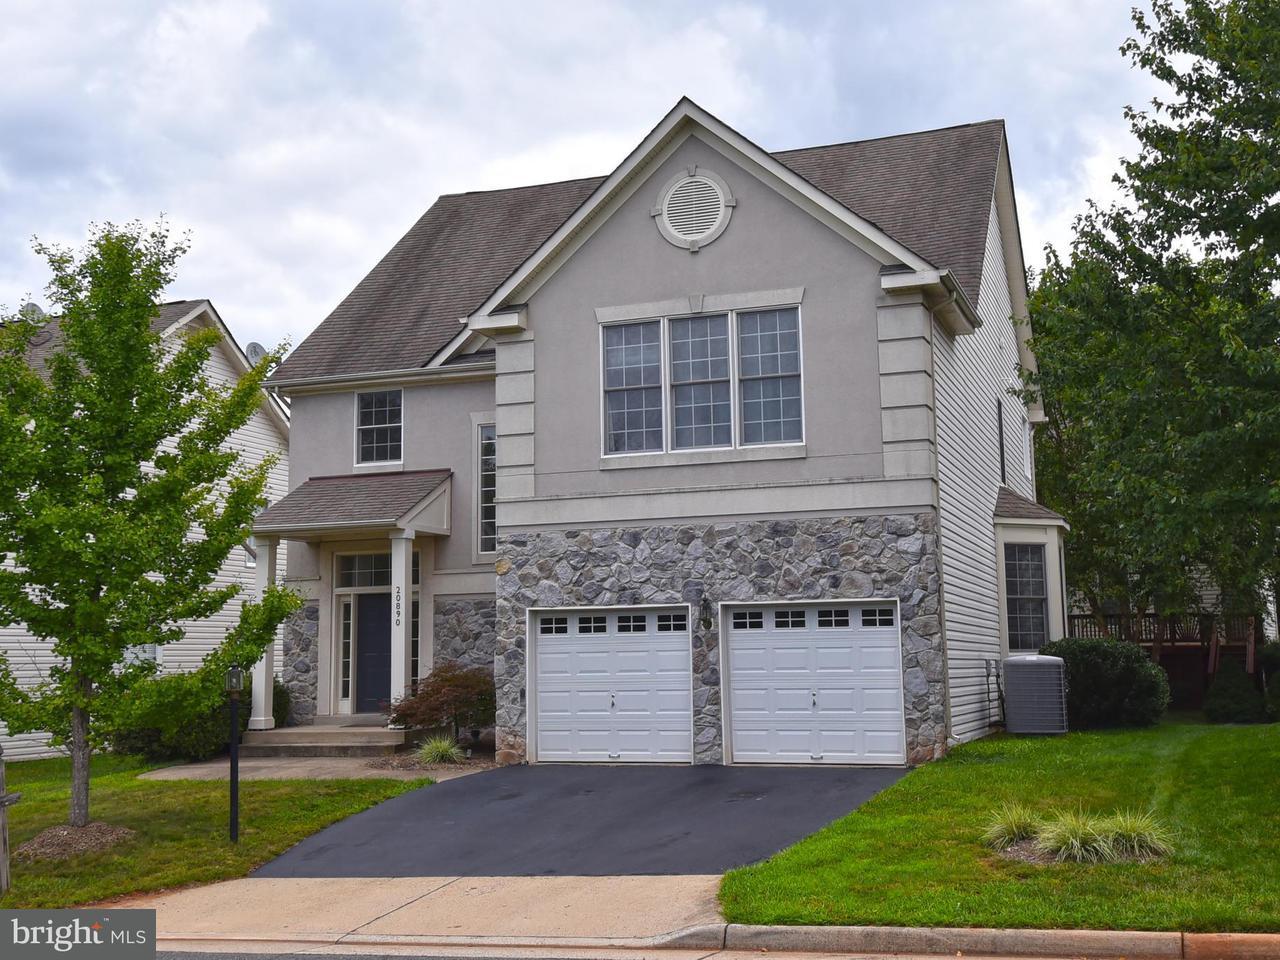 Maison unifamiliale pour l Vente à 20890 SERENITY Court 20890 SERENITY Court Potomac Falls, Virginia 20165 États-Unis